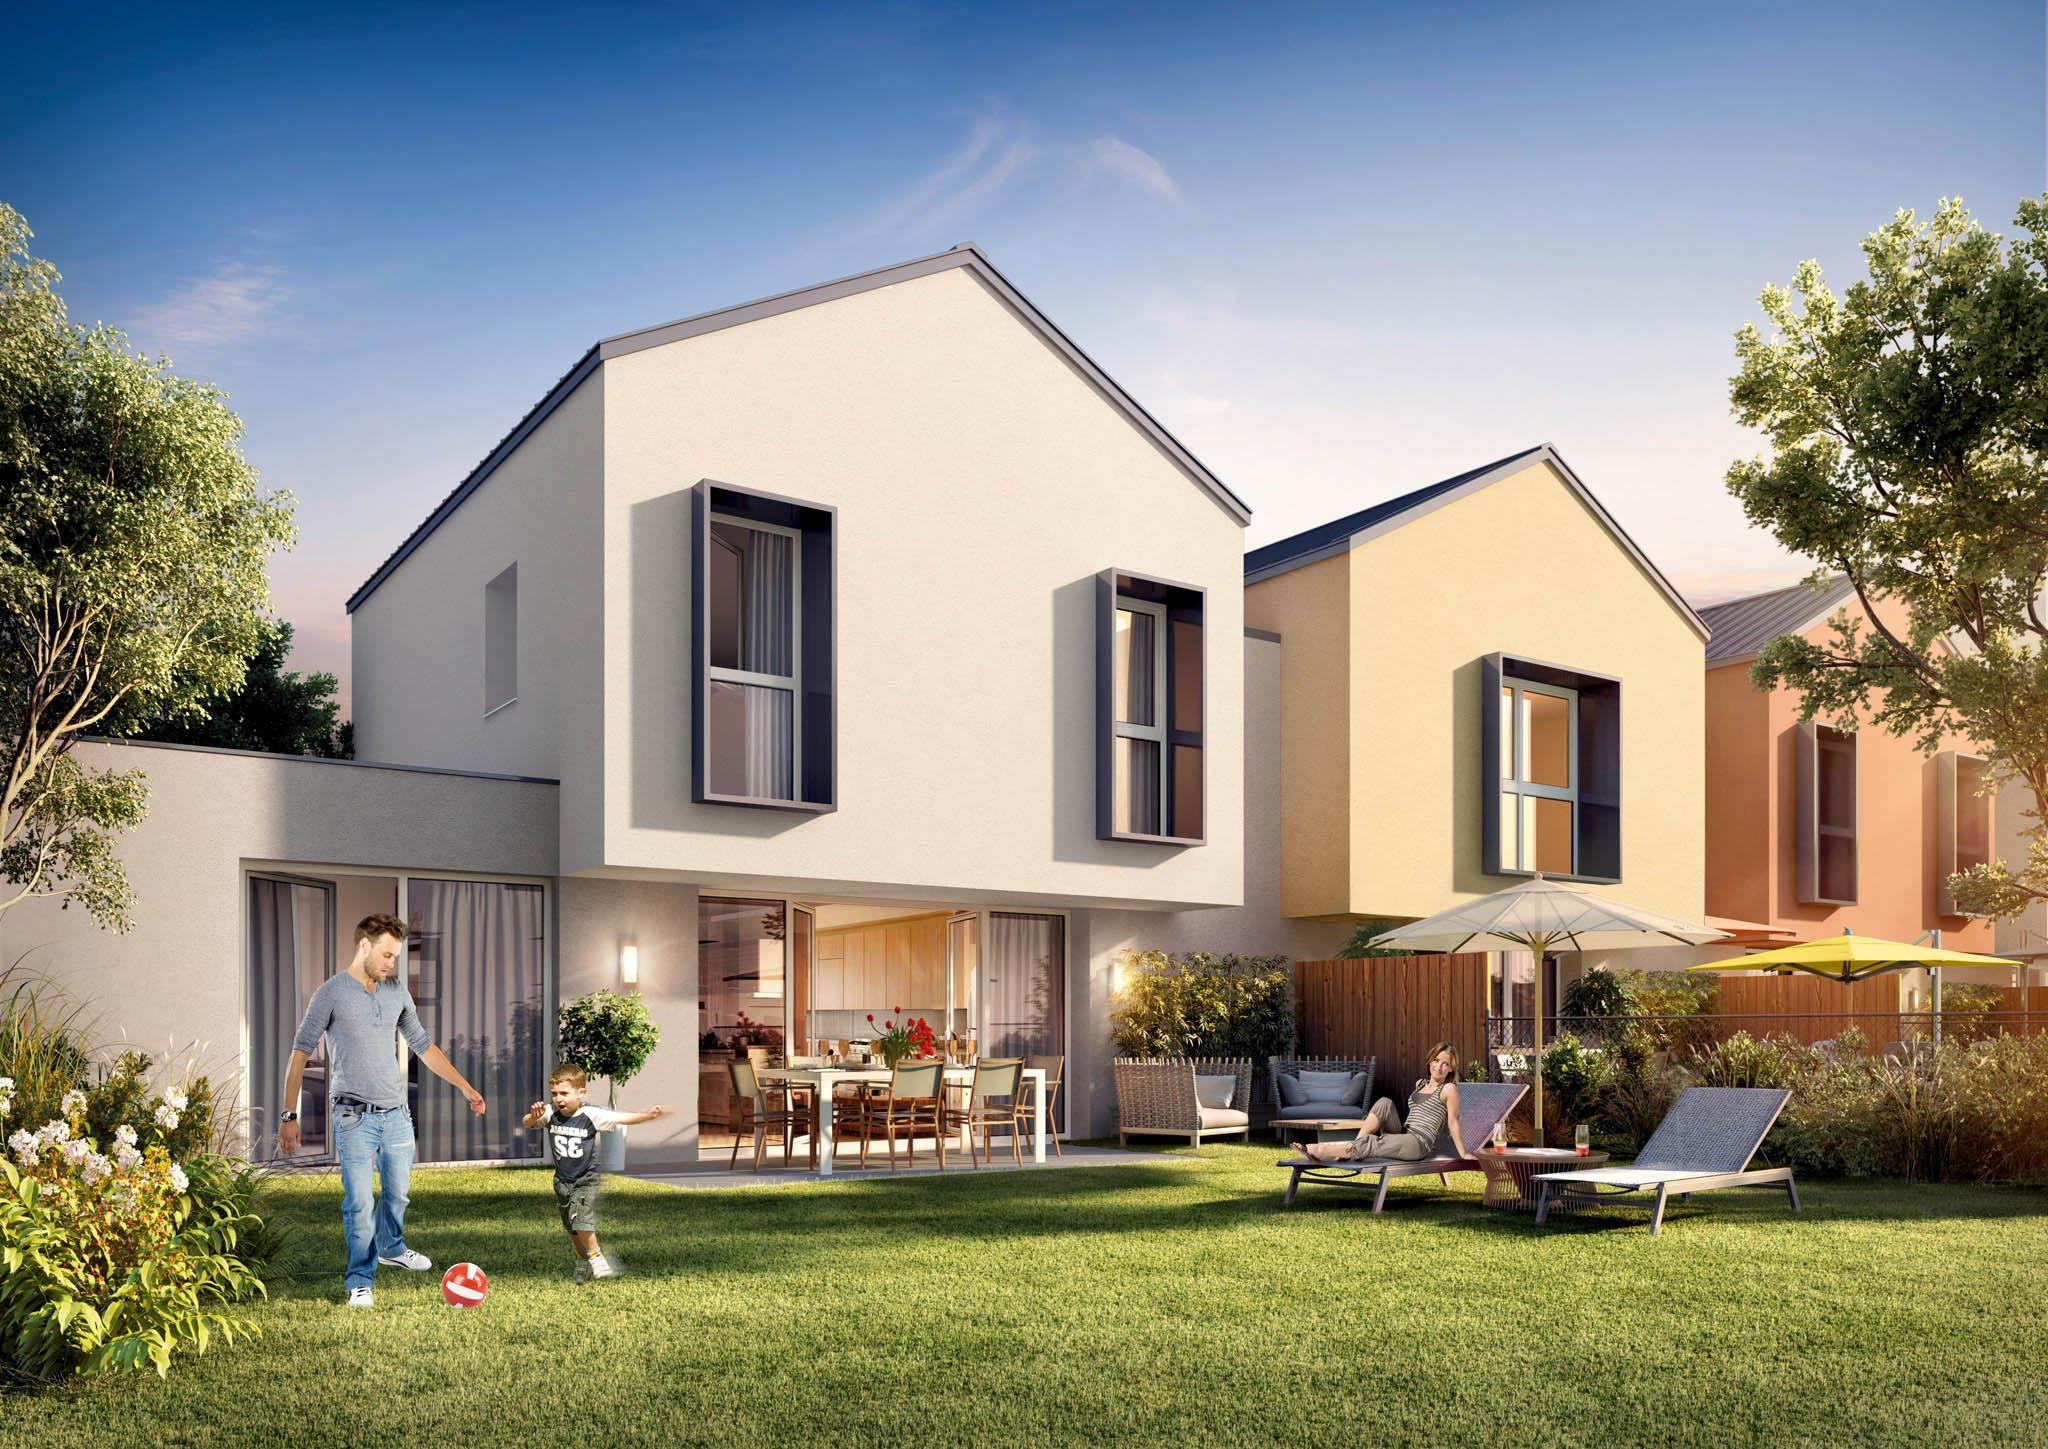 Promoteur immobilier maison individuelle segu maison for Promoteur maison individuelle